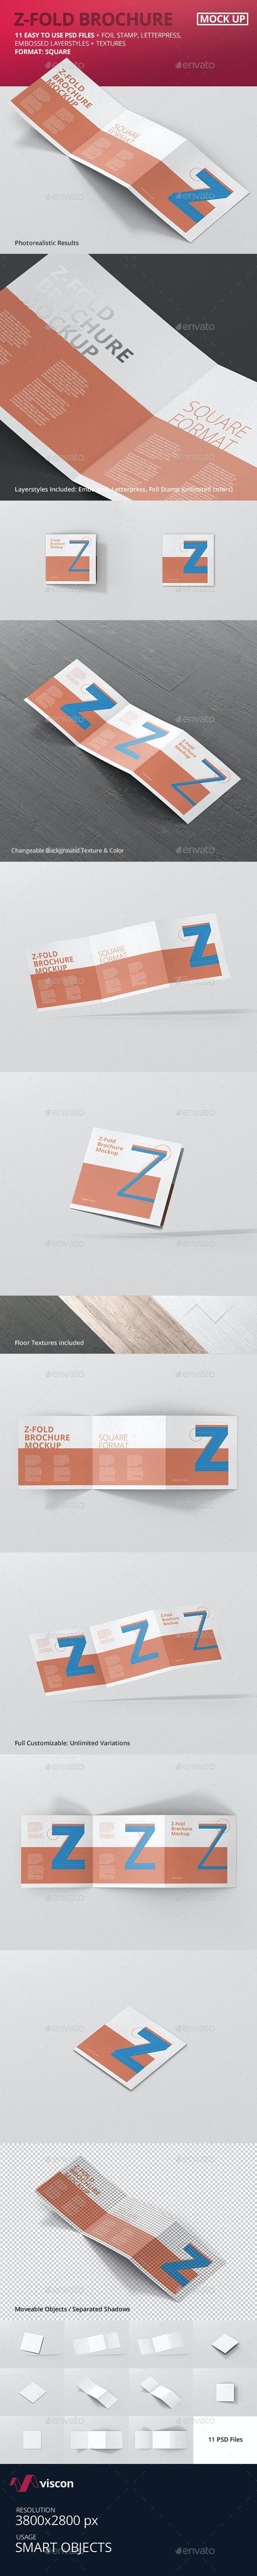 Square Z-Fold Brochure Mockup - Brochures Print